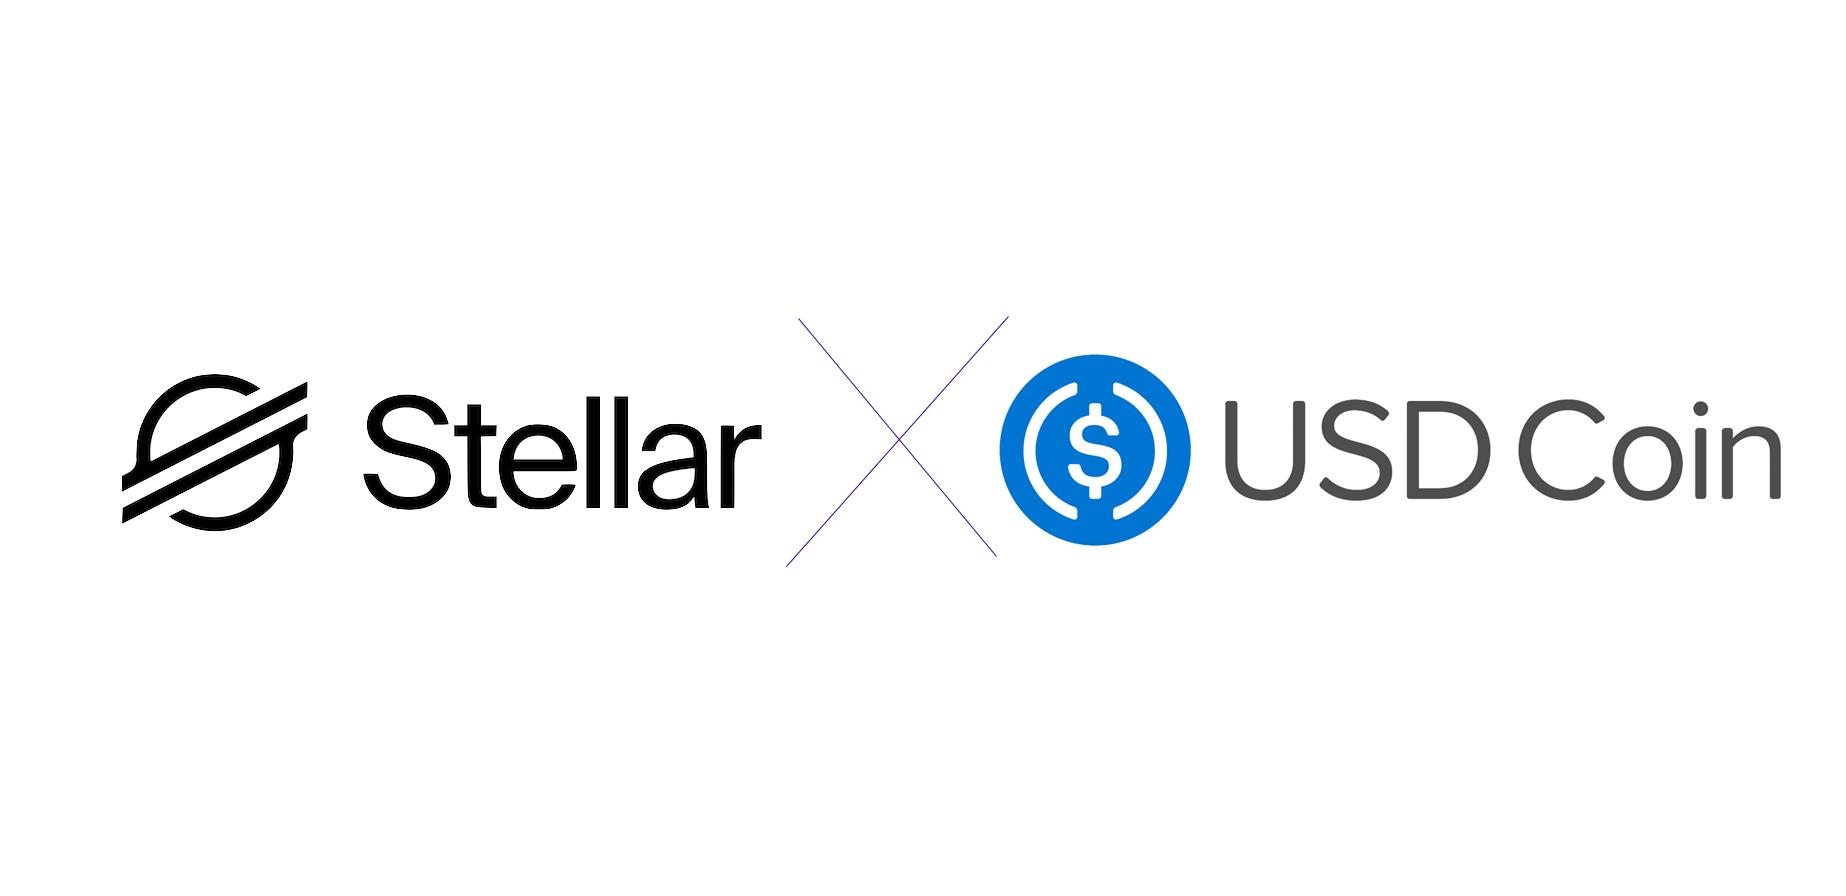 stellar usdc